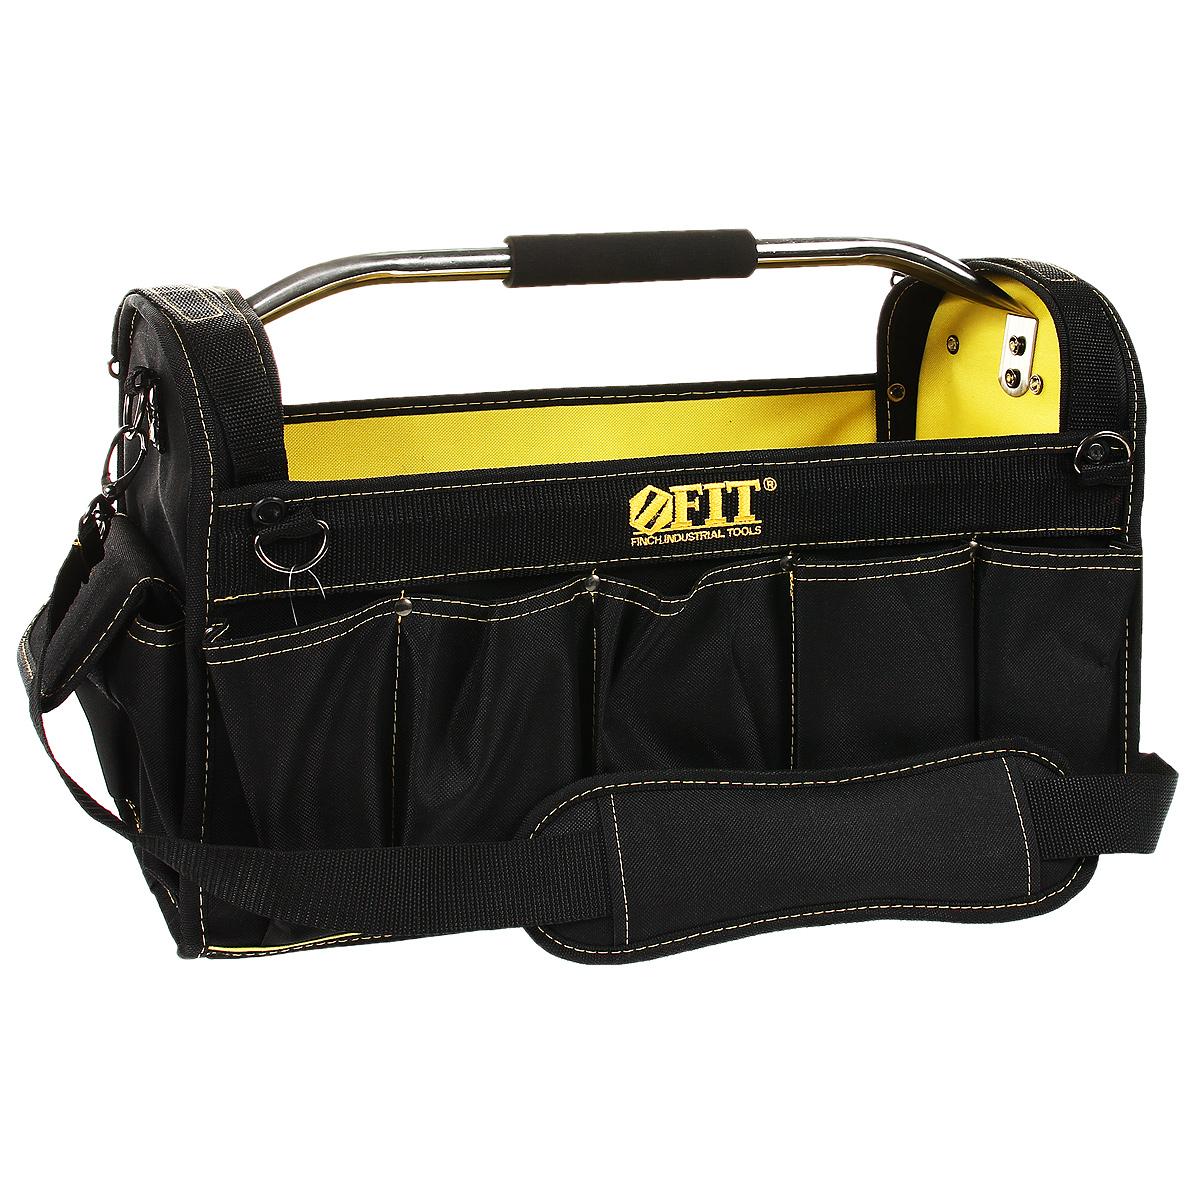 Сумка для инструментов FIT, 16 отделений, 45 см х 21 см х 33,5 см0615990HL5&nbsp